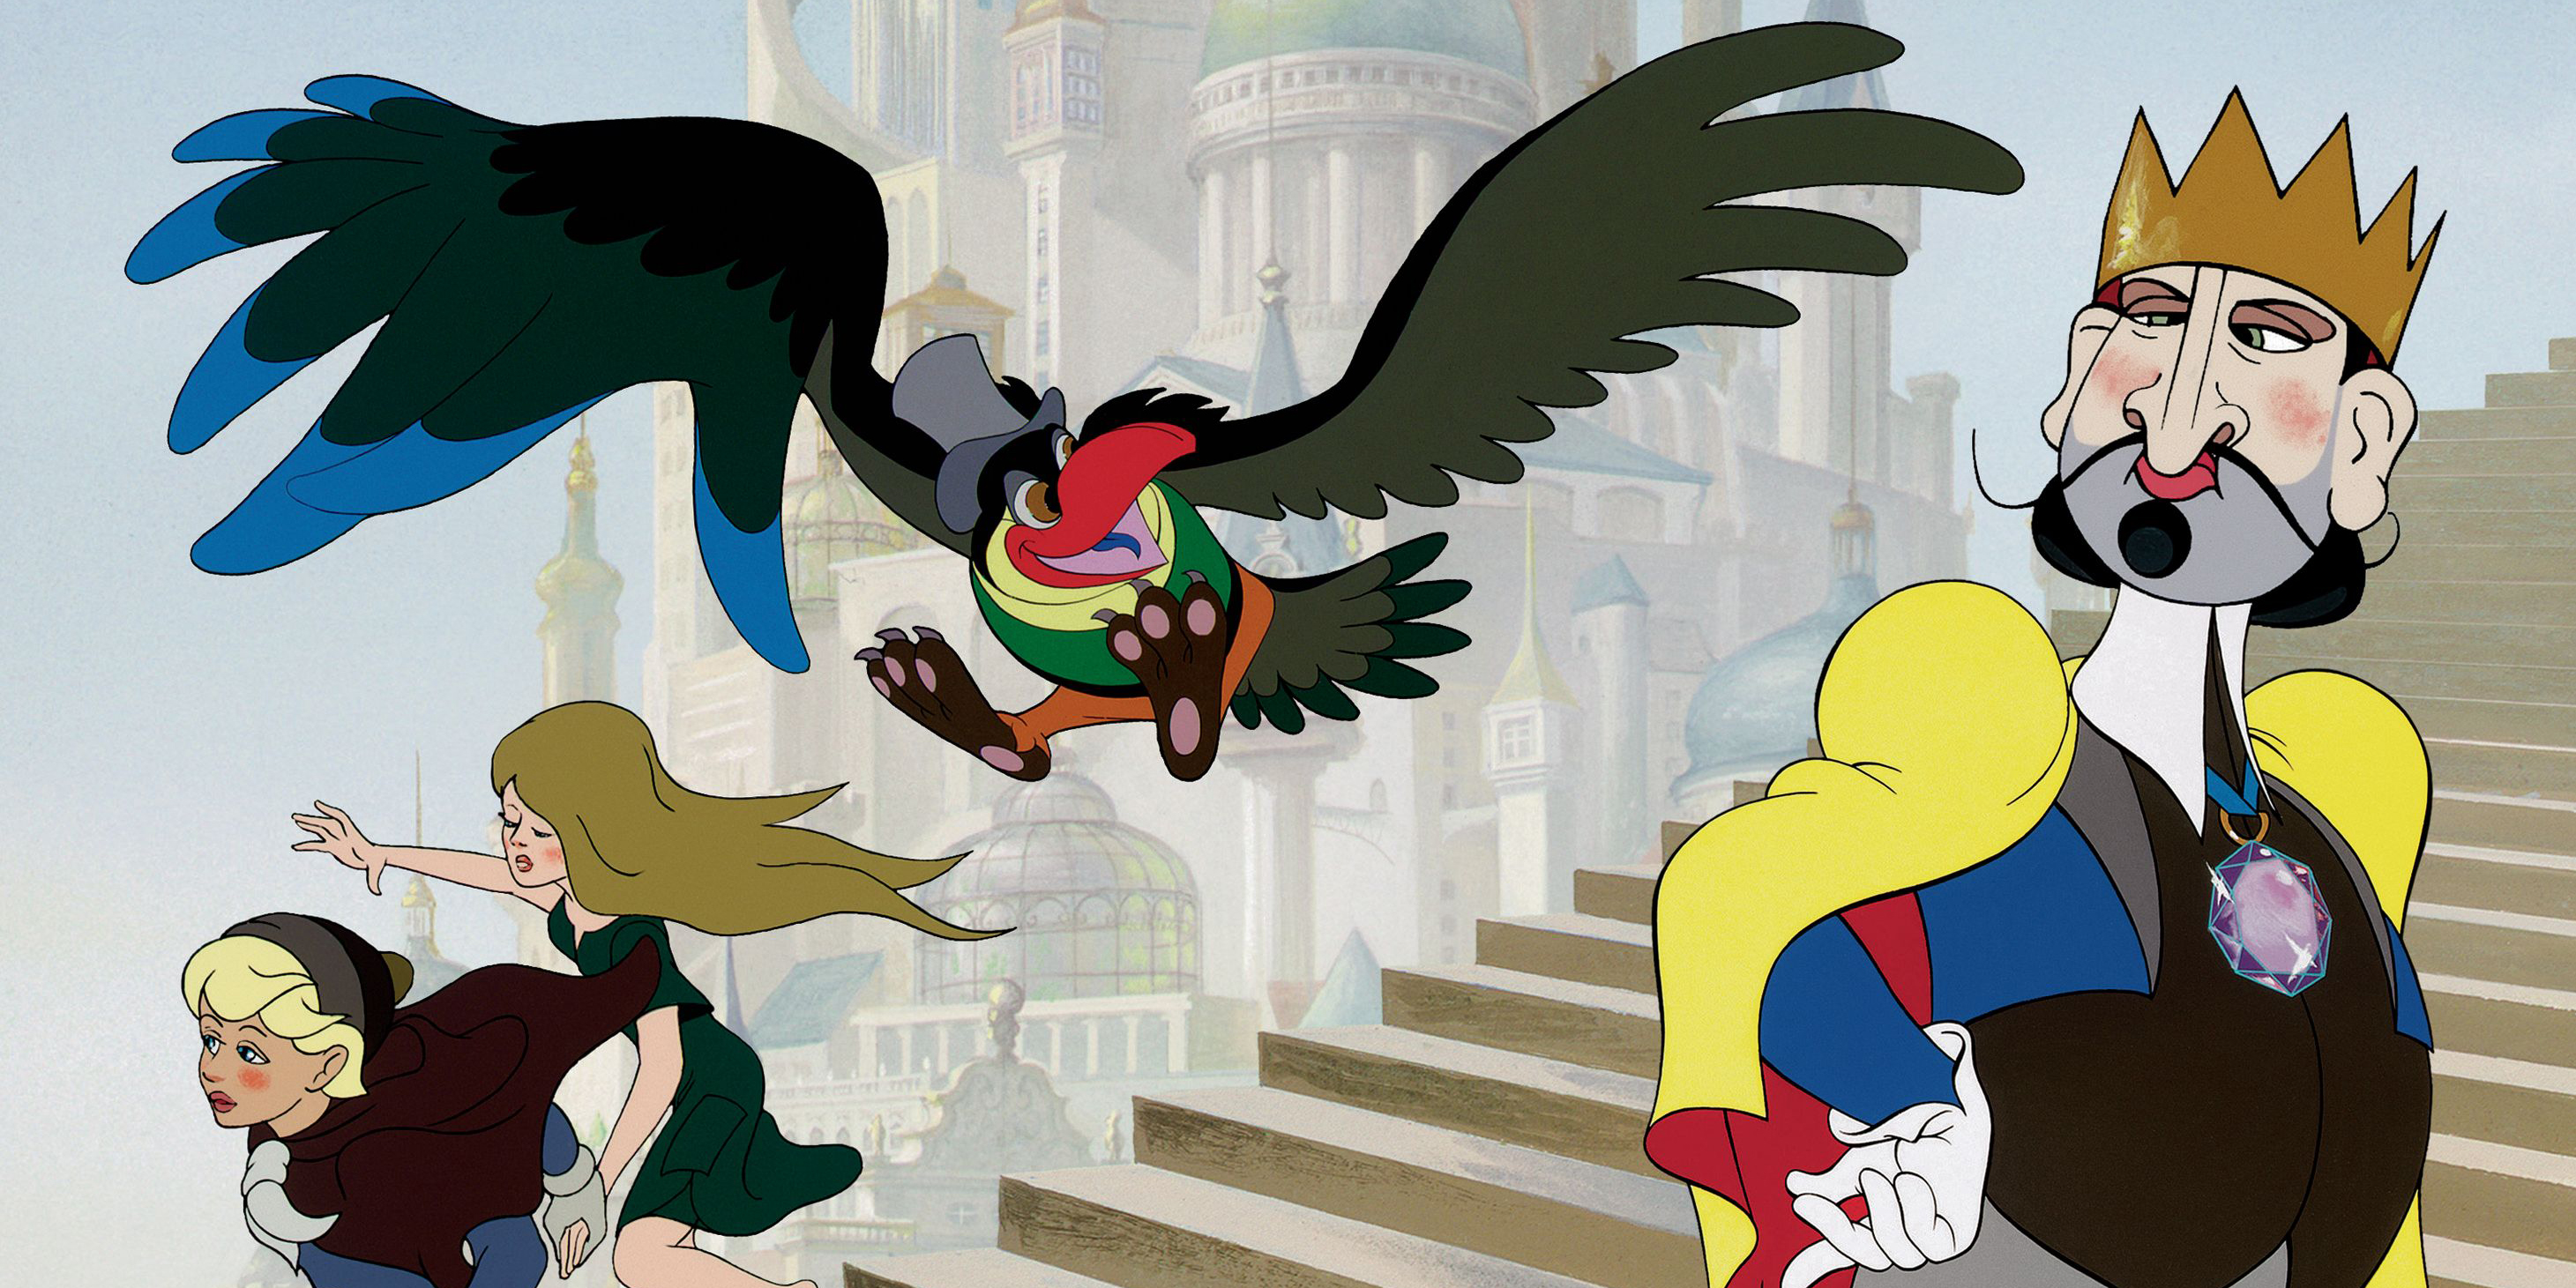 Le roi et l 39 oiseau film 2013 - Coloriage le roi et l oiseau ...